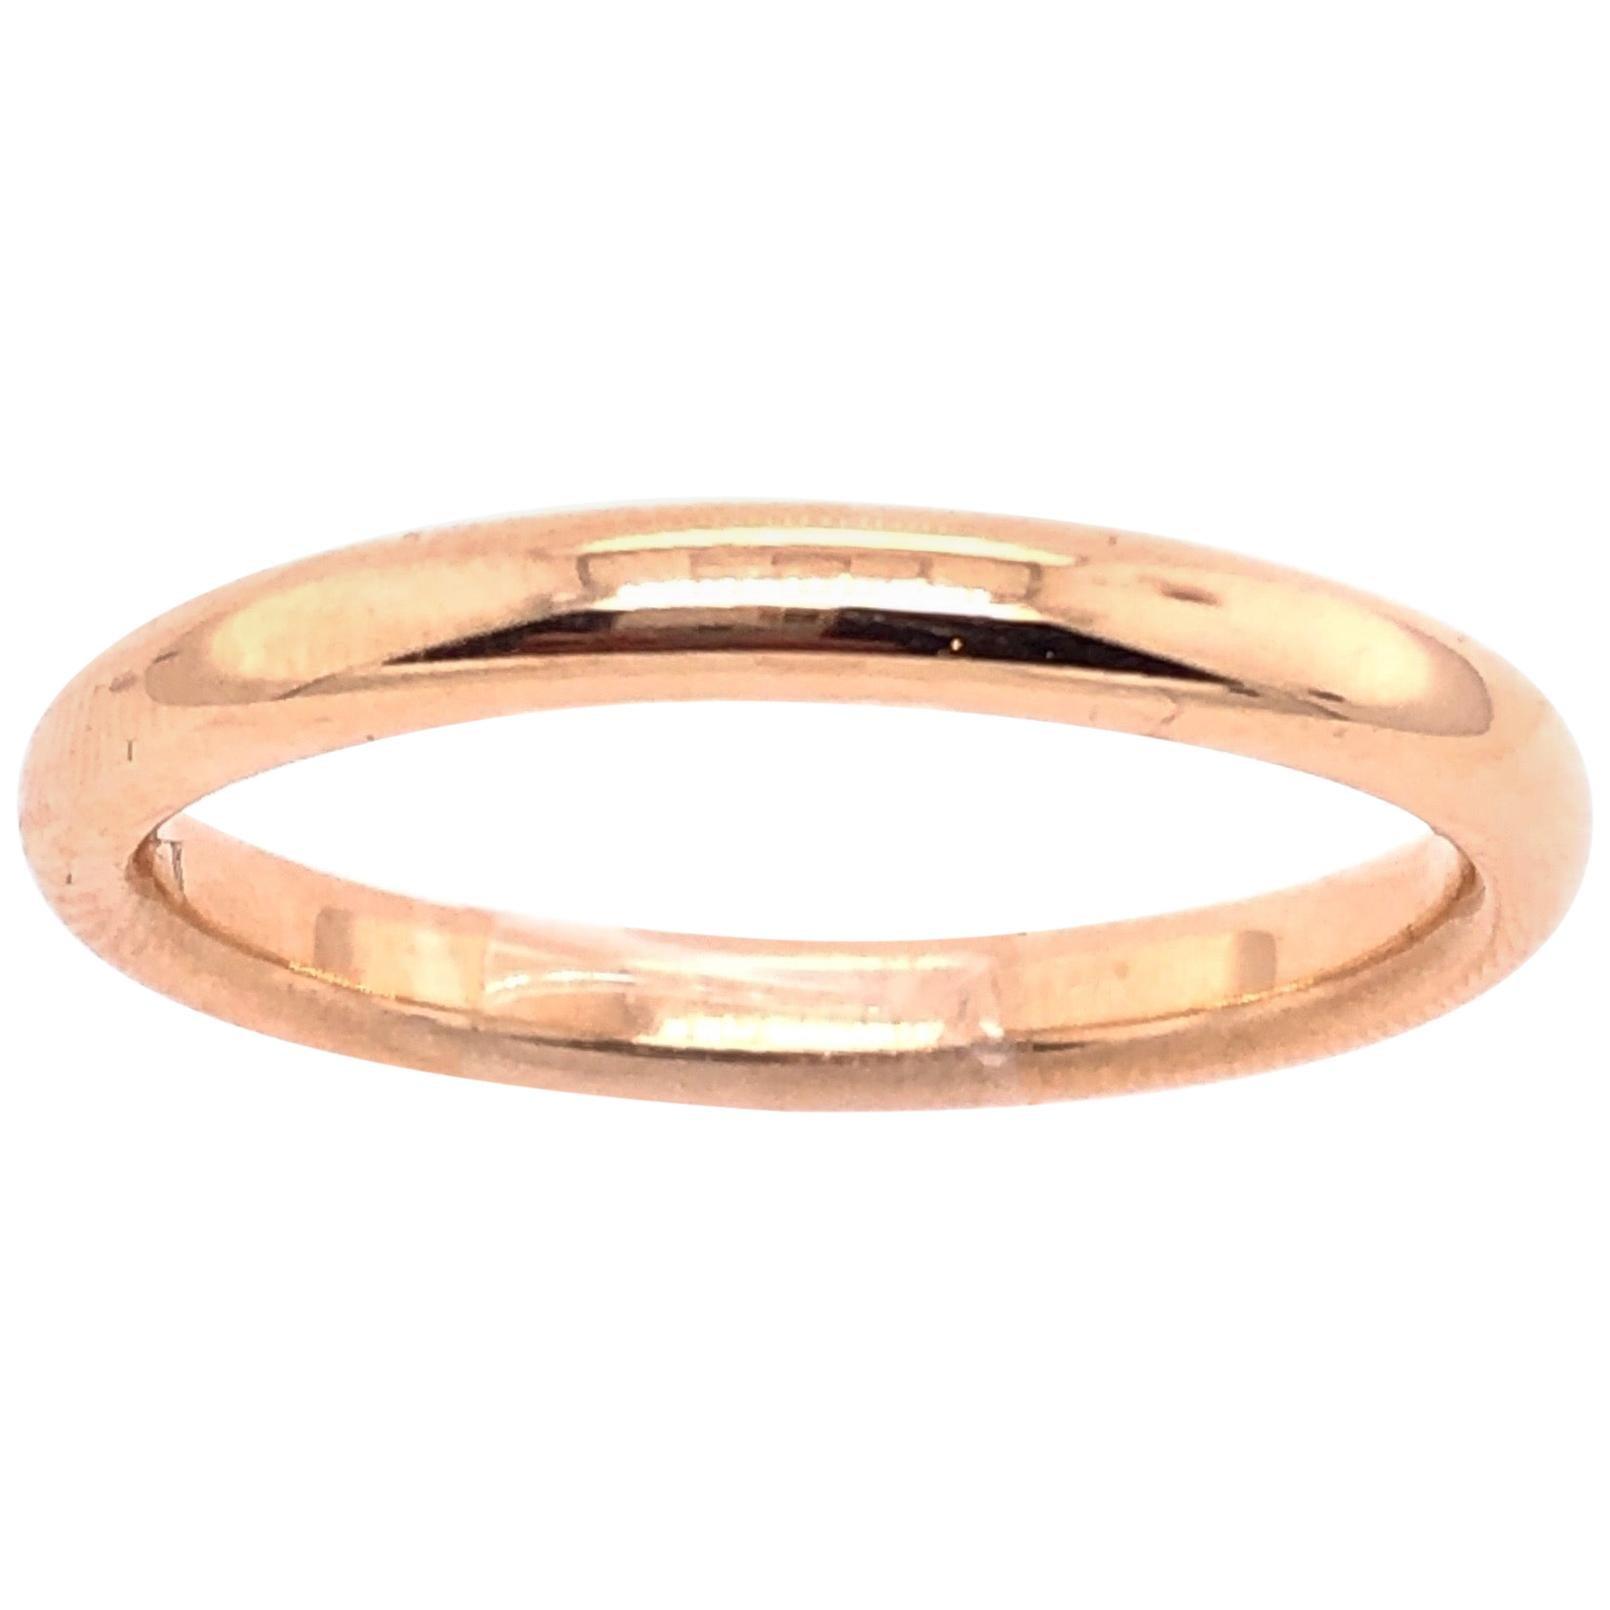 14 Karat Yellow Gold Wedding Ring / Wedding Band